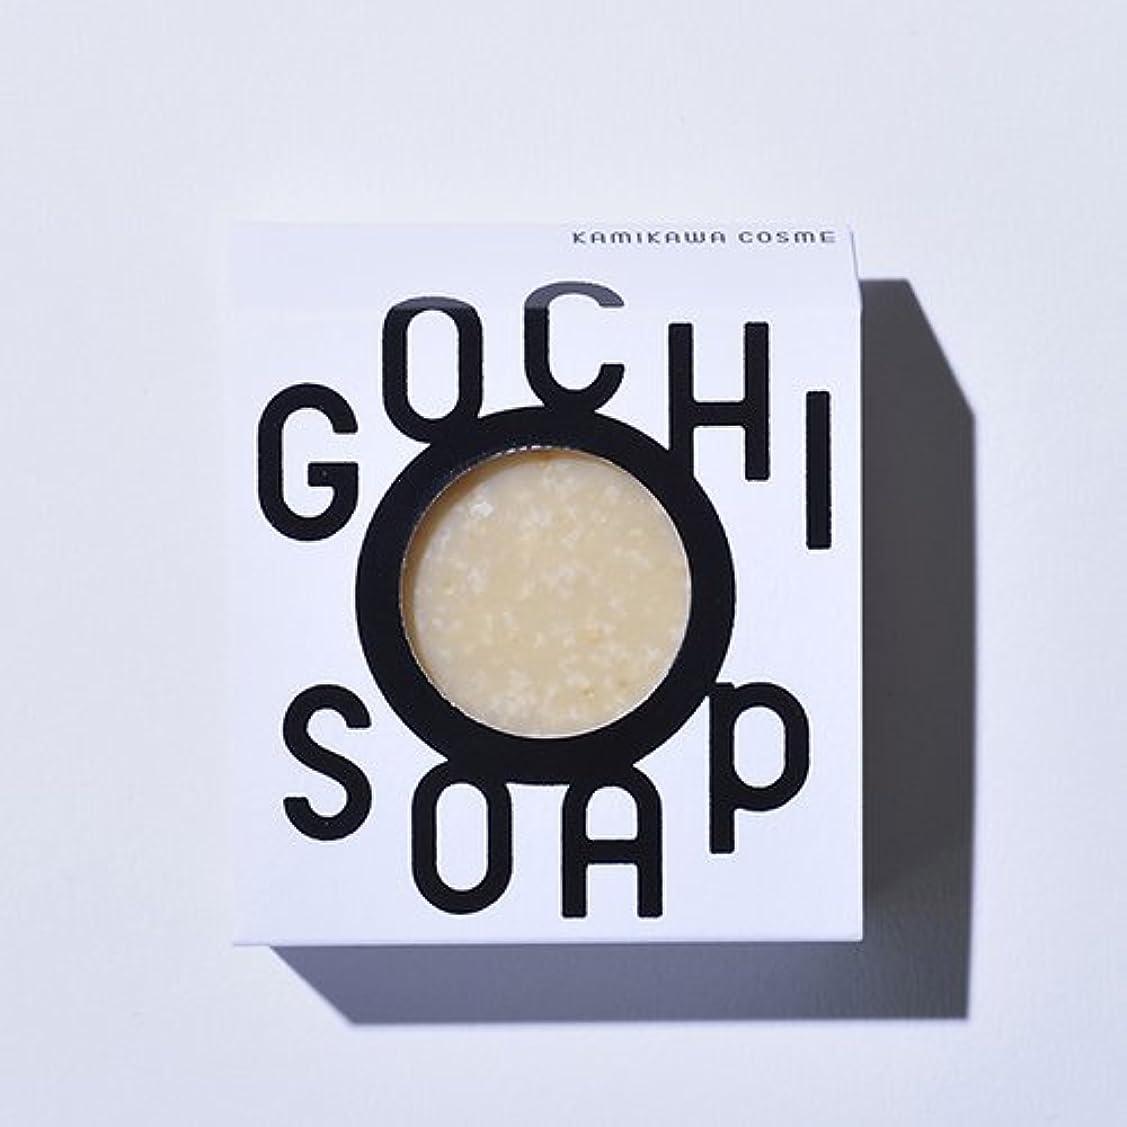 のみ生産的素朴なGOCHI SOAP ゴチソープ ふじくらますも果樹園のりんごソープ